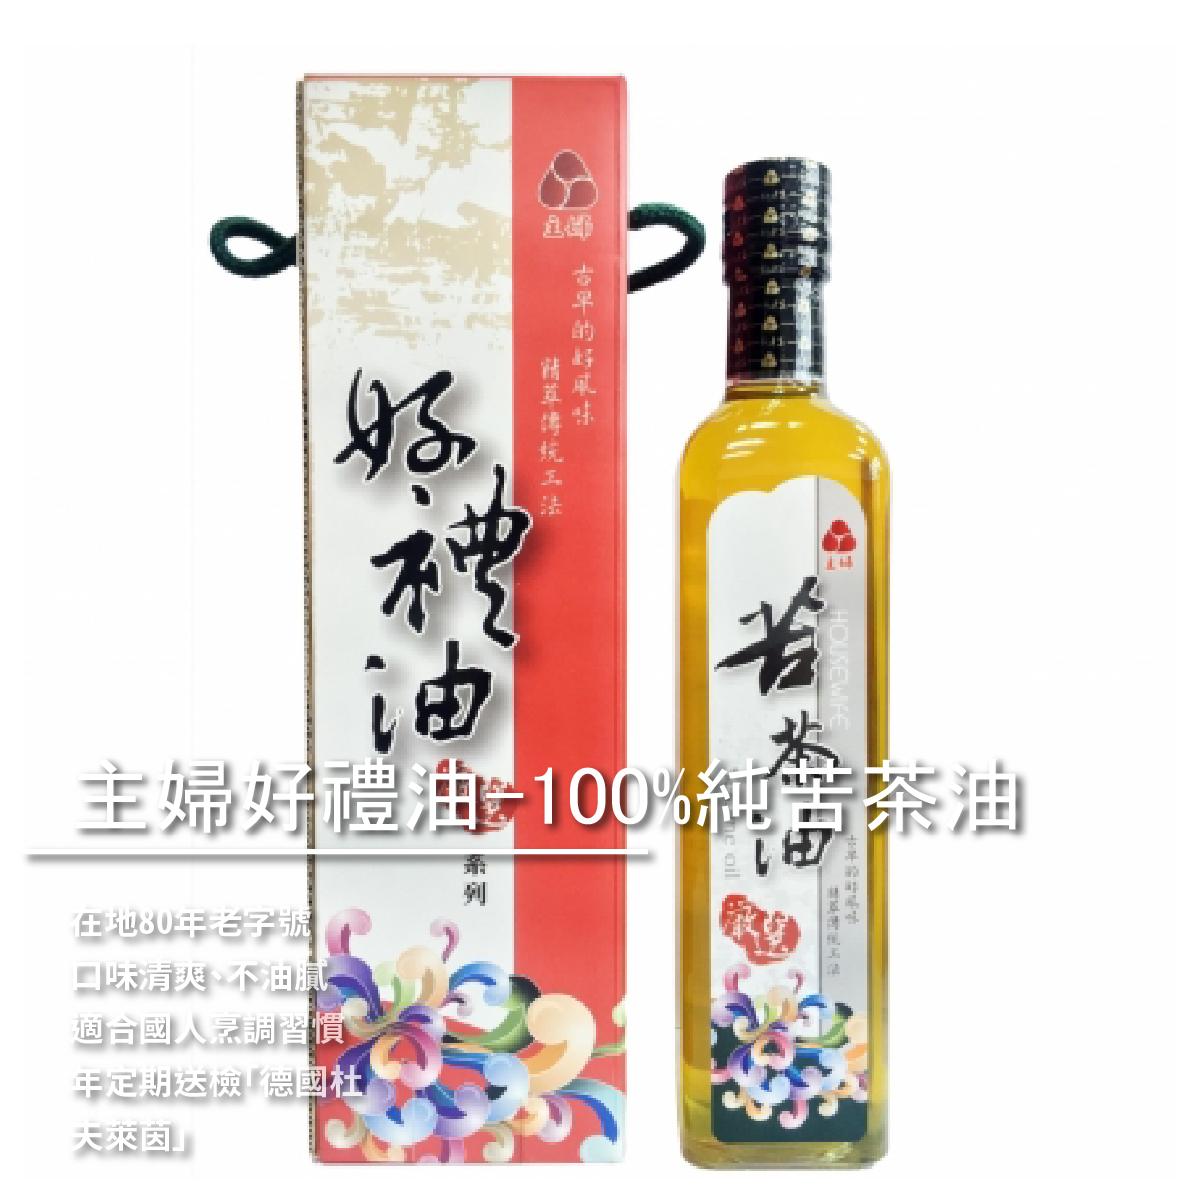 【新建美-主婦油品】主婦好禮油-100%純苦茶油500ML